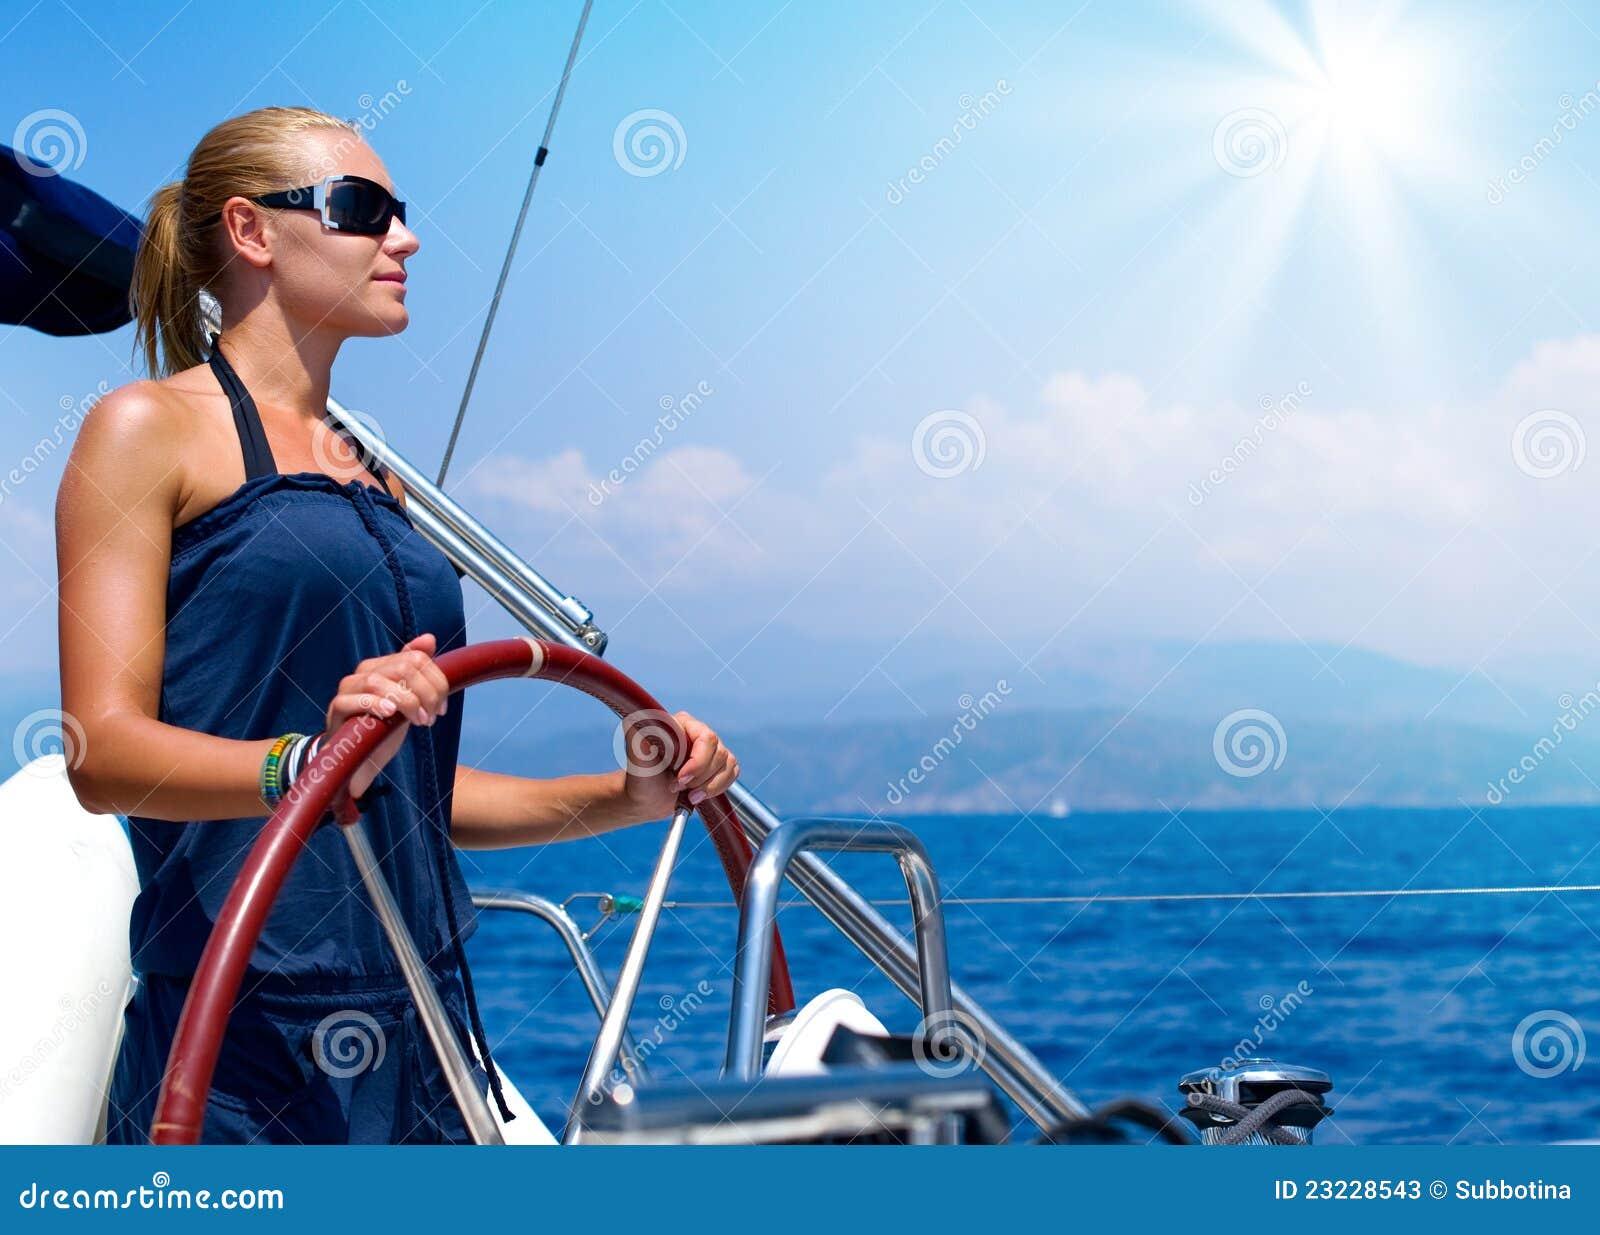 Girl Sailing A Sailboat Stock Photos - Image: 23228543